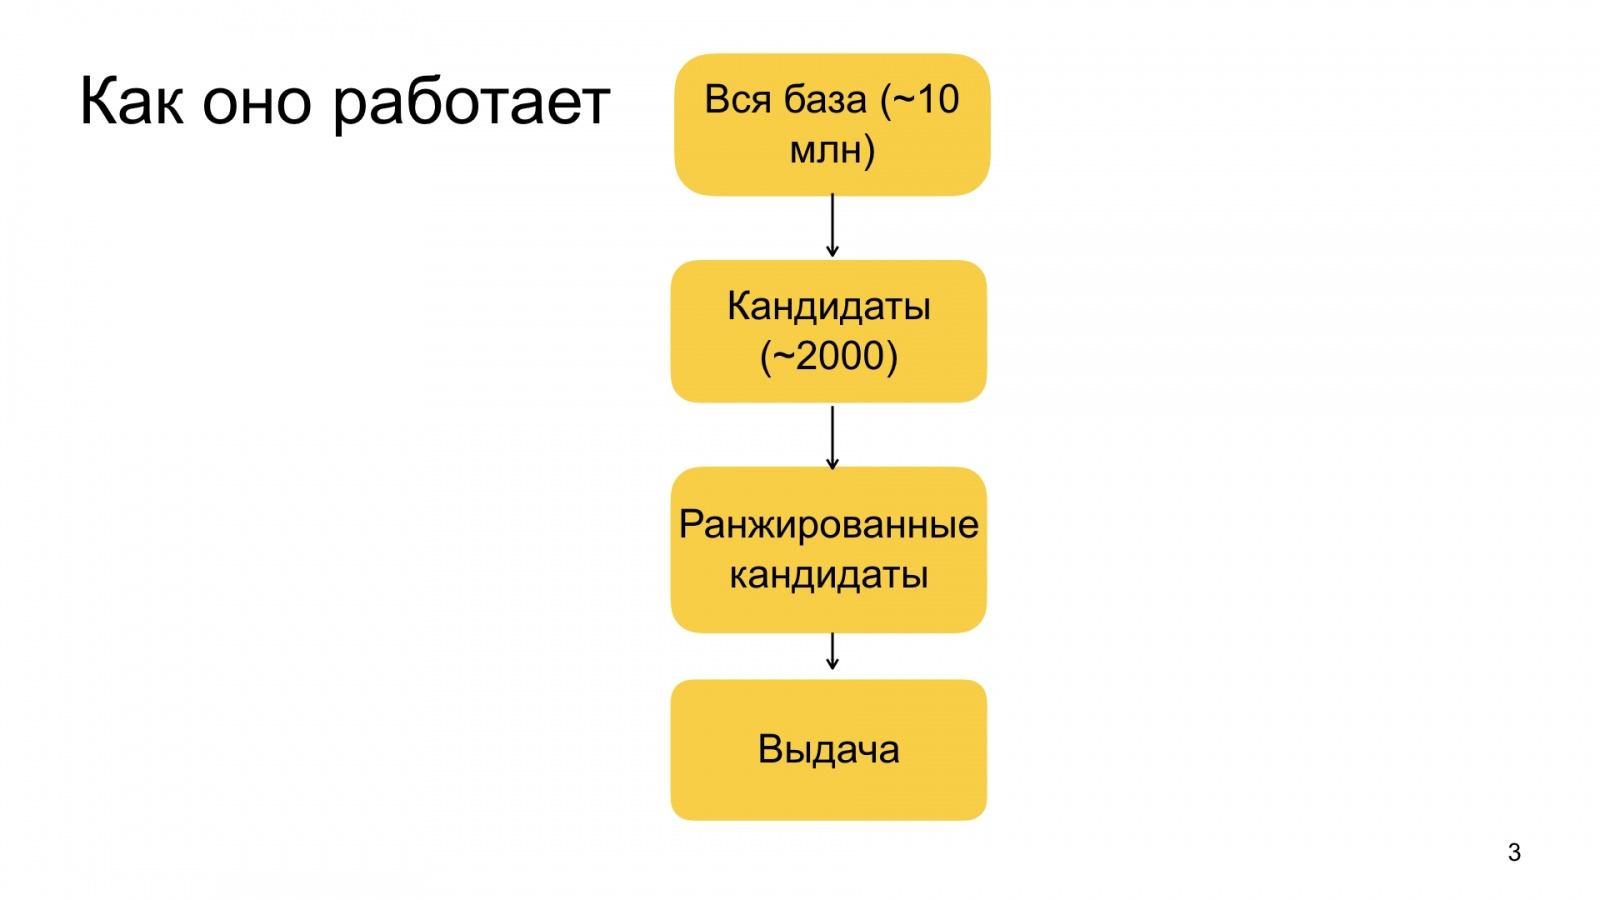 Автороцентричное ранжирование. Доклад Яндекса о поиске релевантной аудитории для авторов Дзена - 3